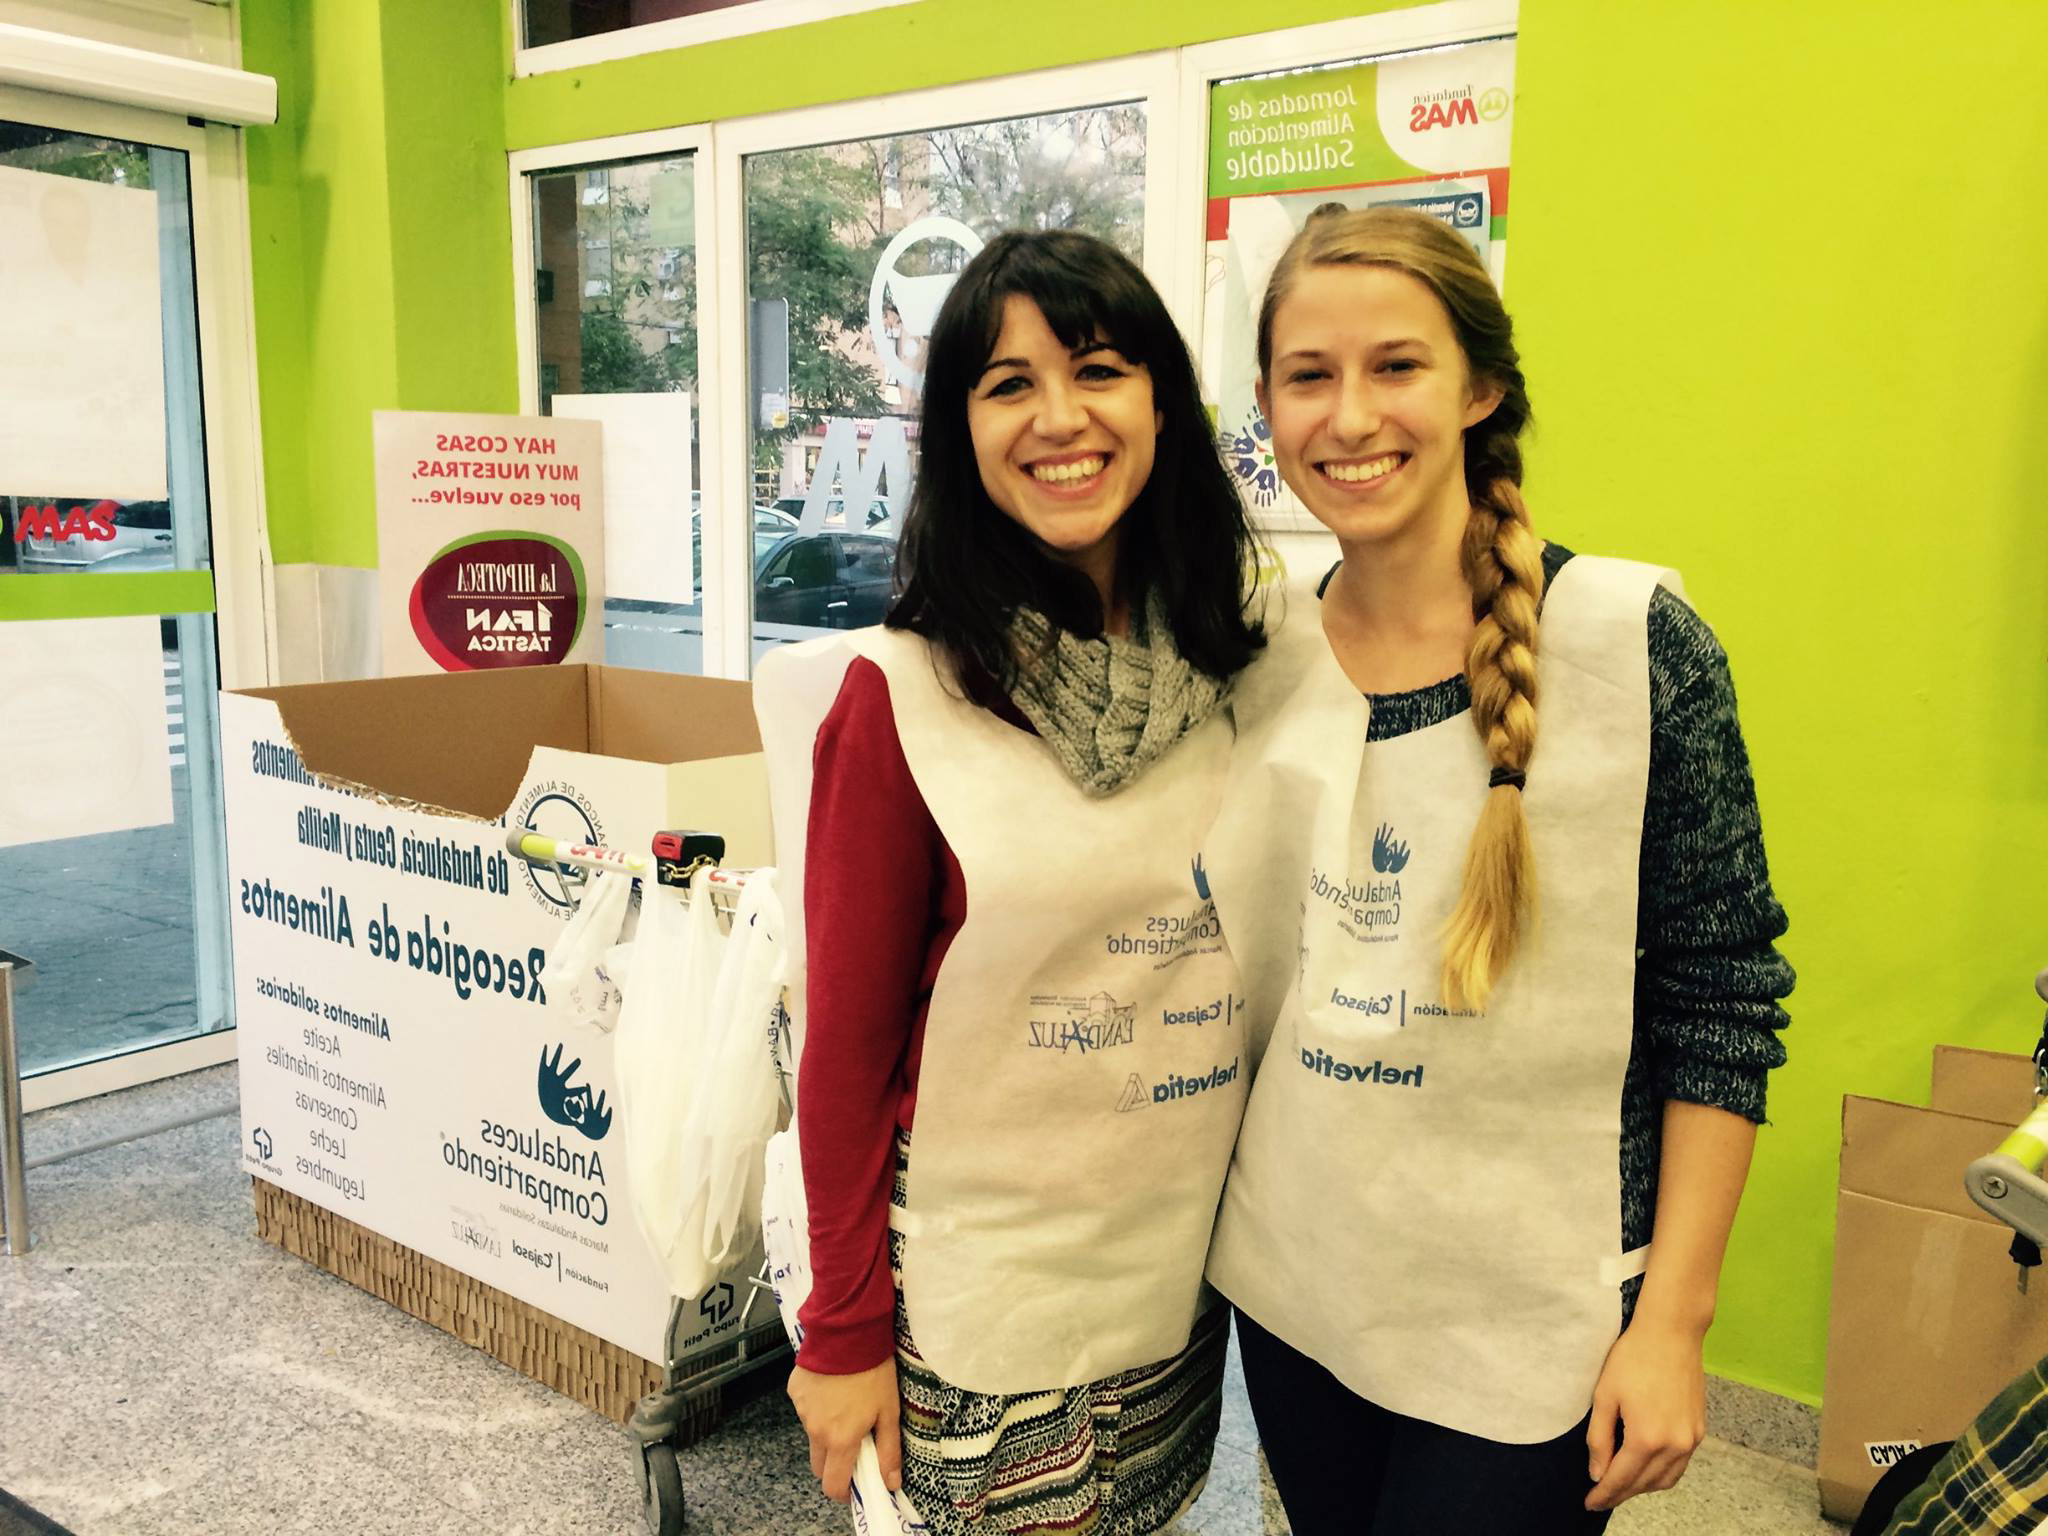 Volunteering in Spain at some food banks